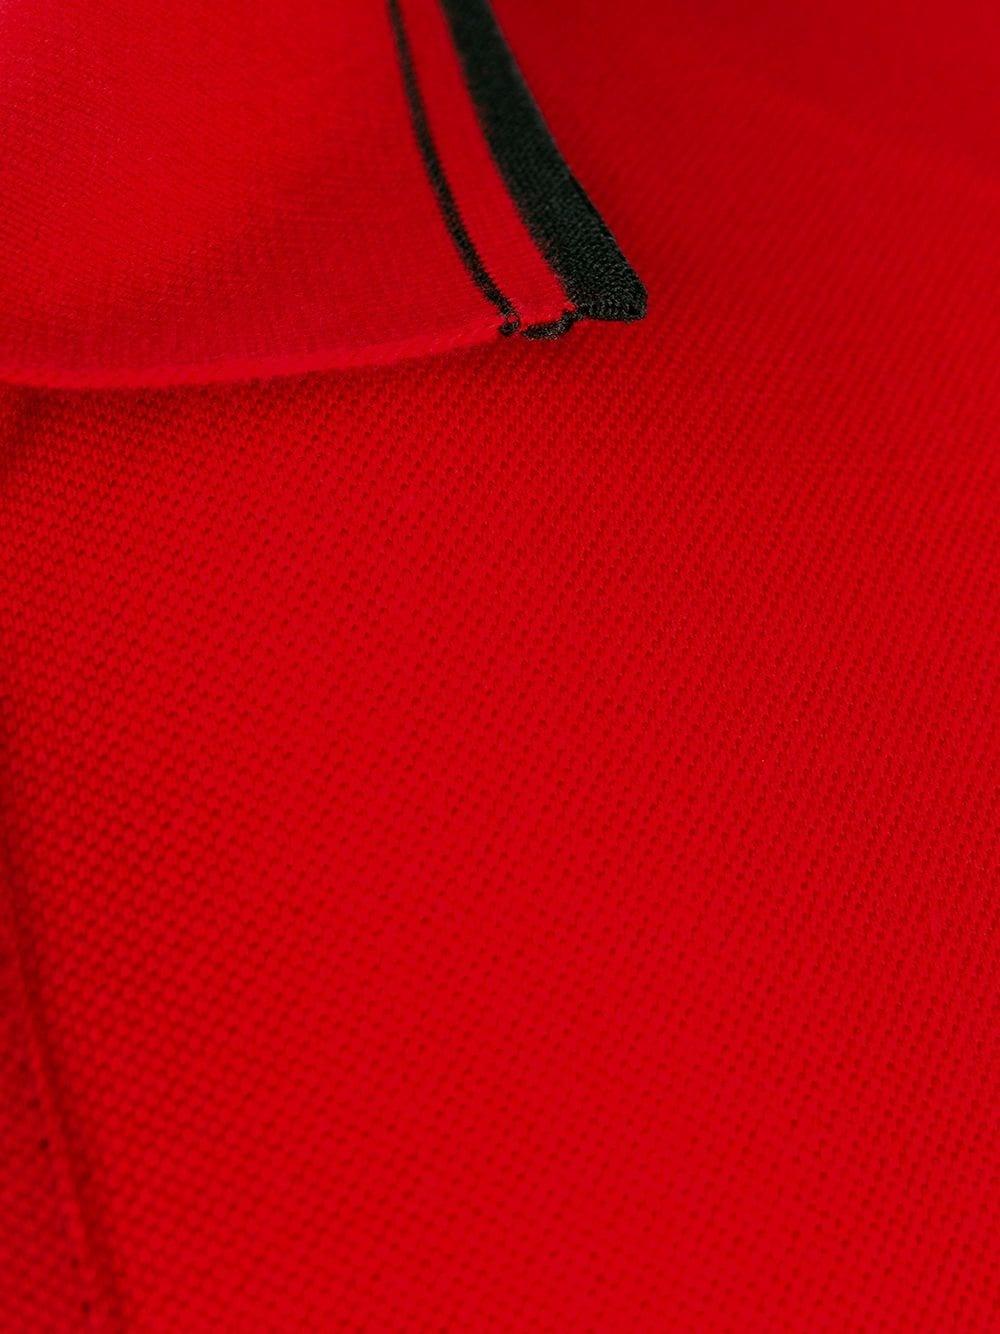 VERSACE JEANS COUTURE VERSACE JEANS COUTURE - POLO - B3GVA7P53 - RED